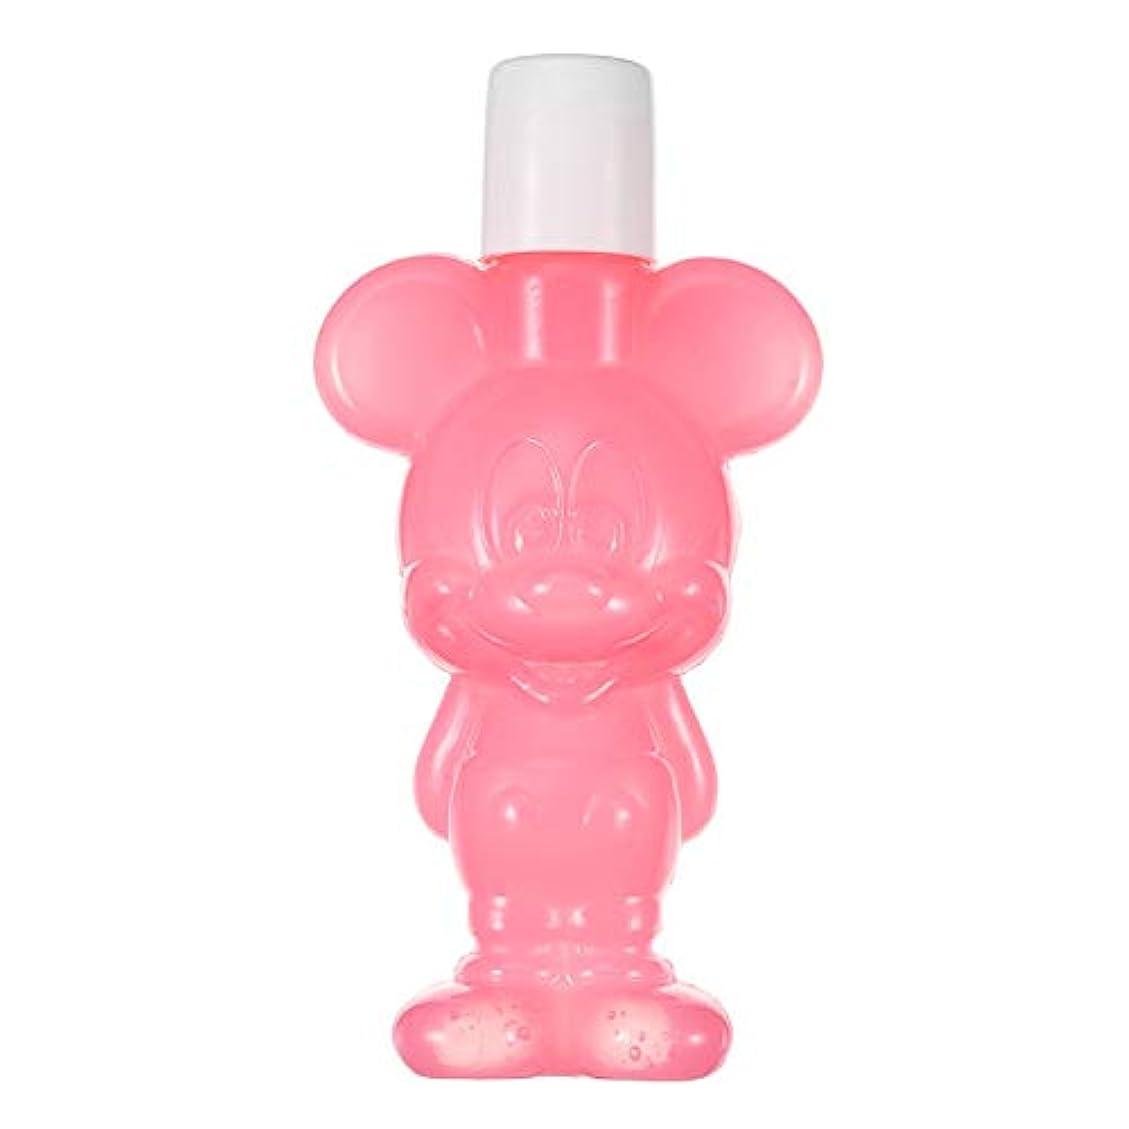 マーキングハック平和ディズニーストア(公式)保湿ジェル ミッキー ピンク Gummy Candy Cosme